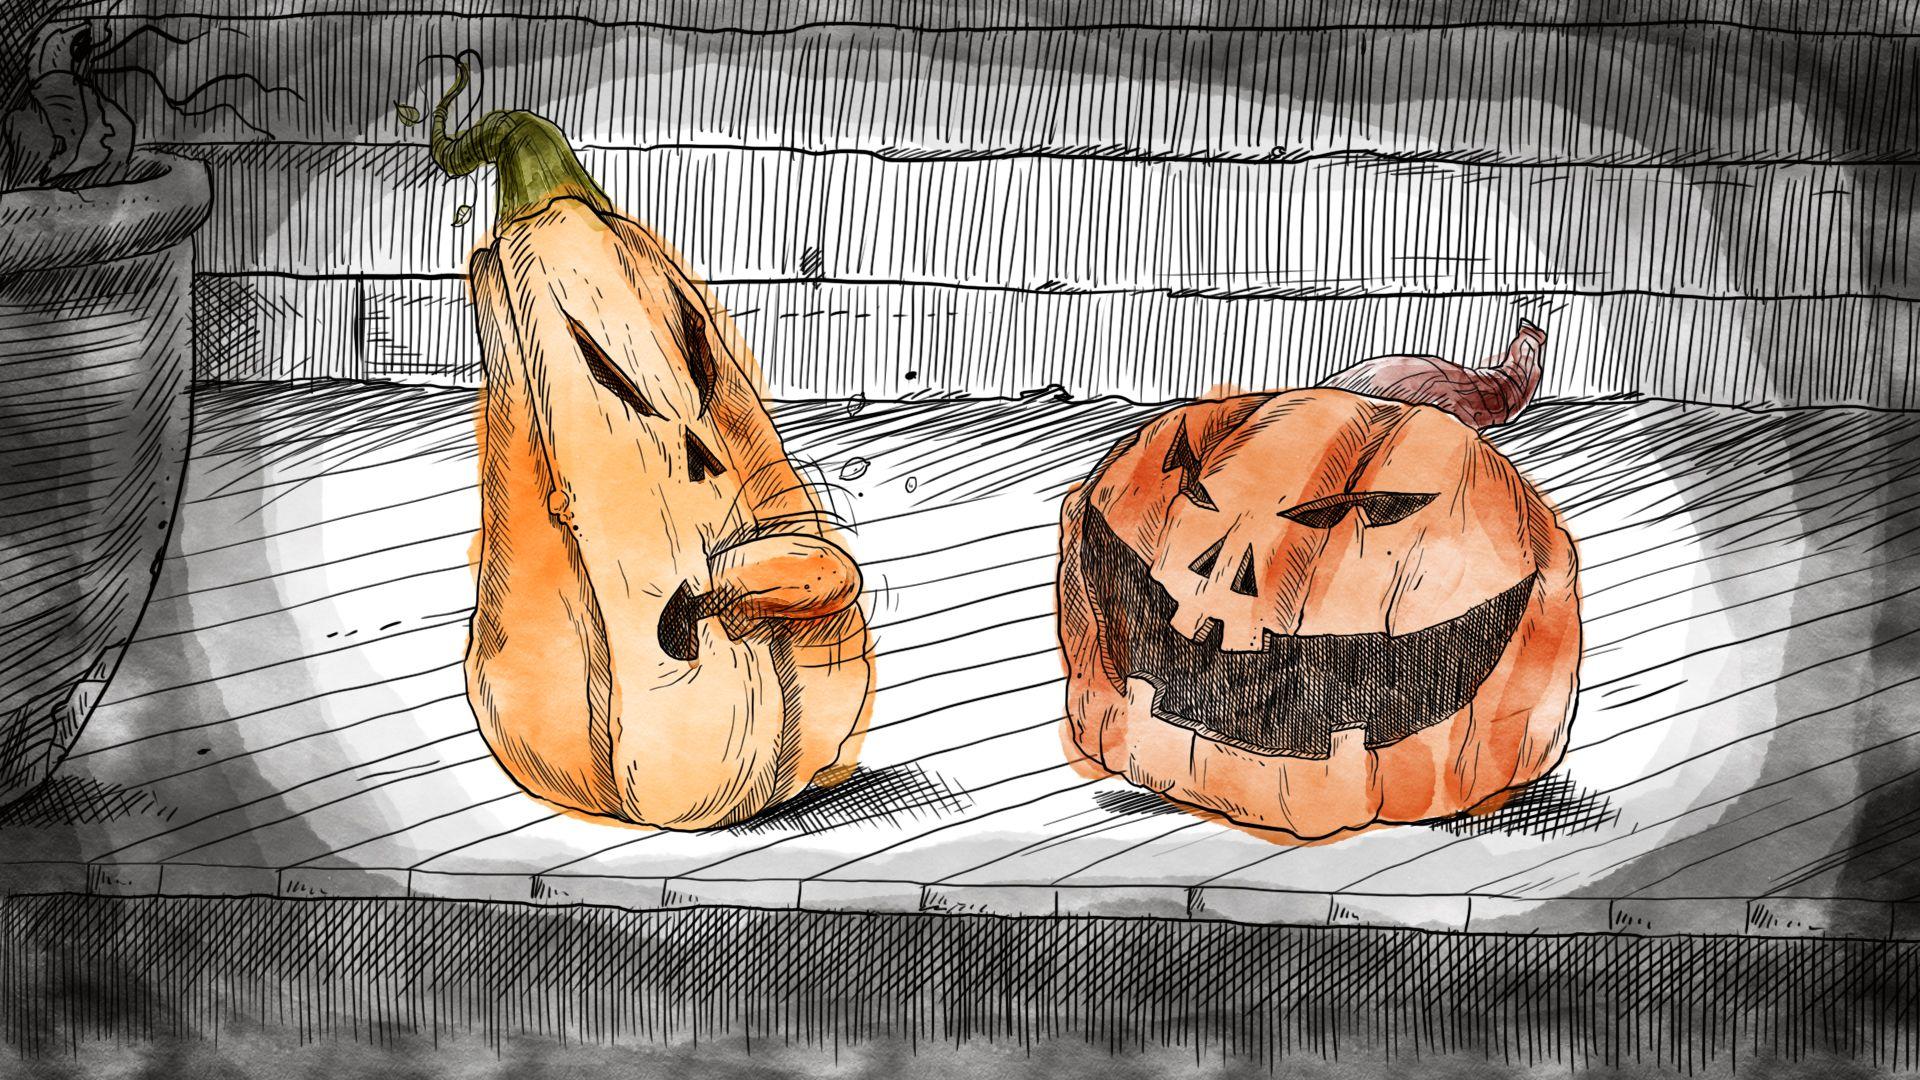 Working on Halloween